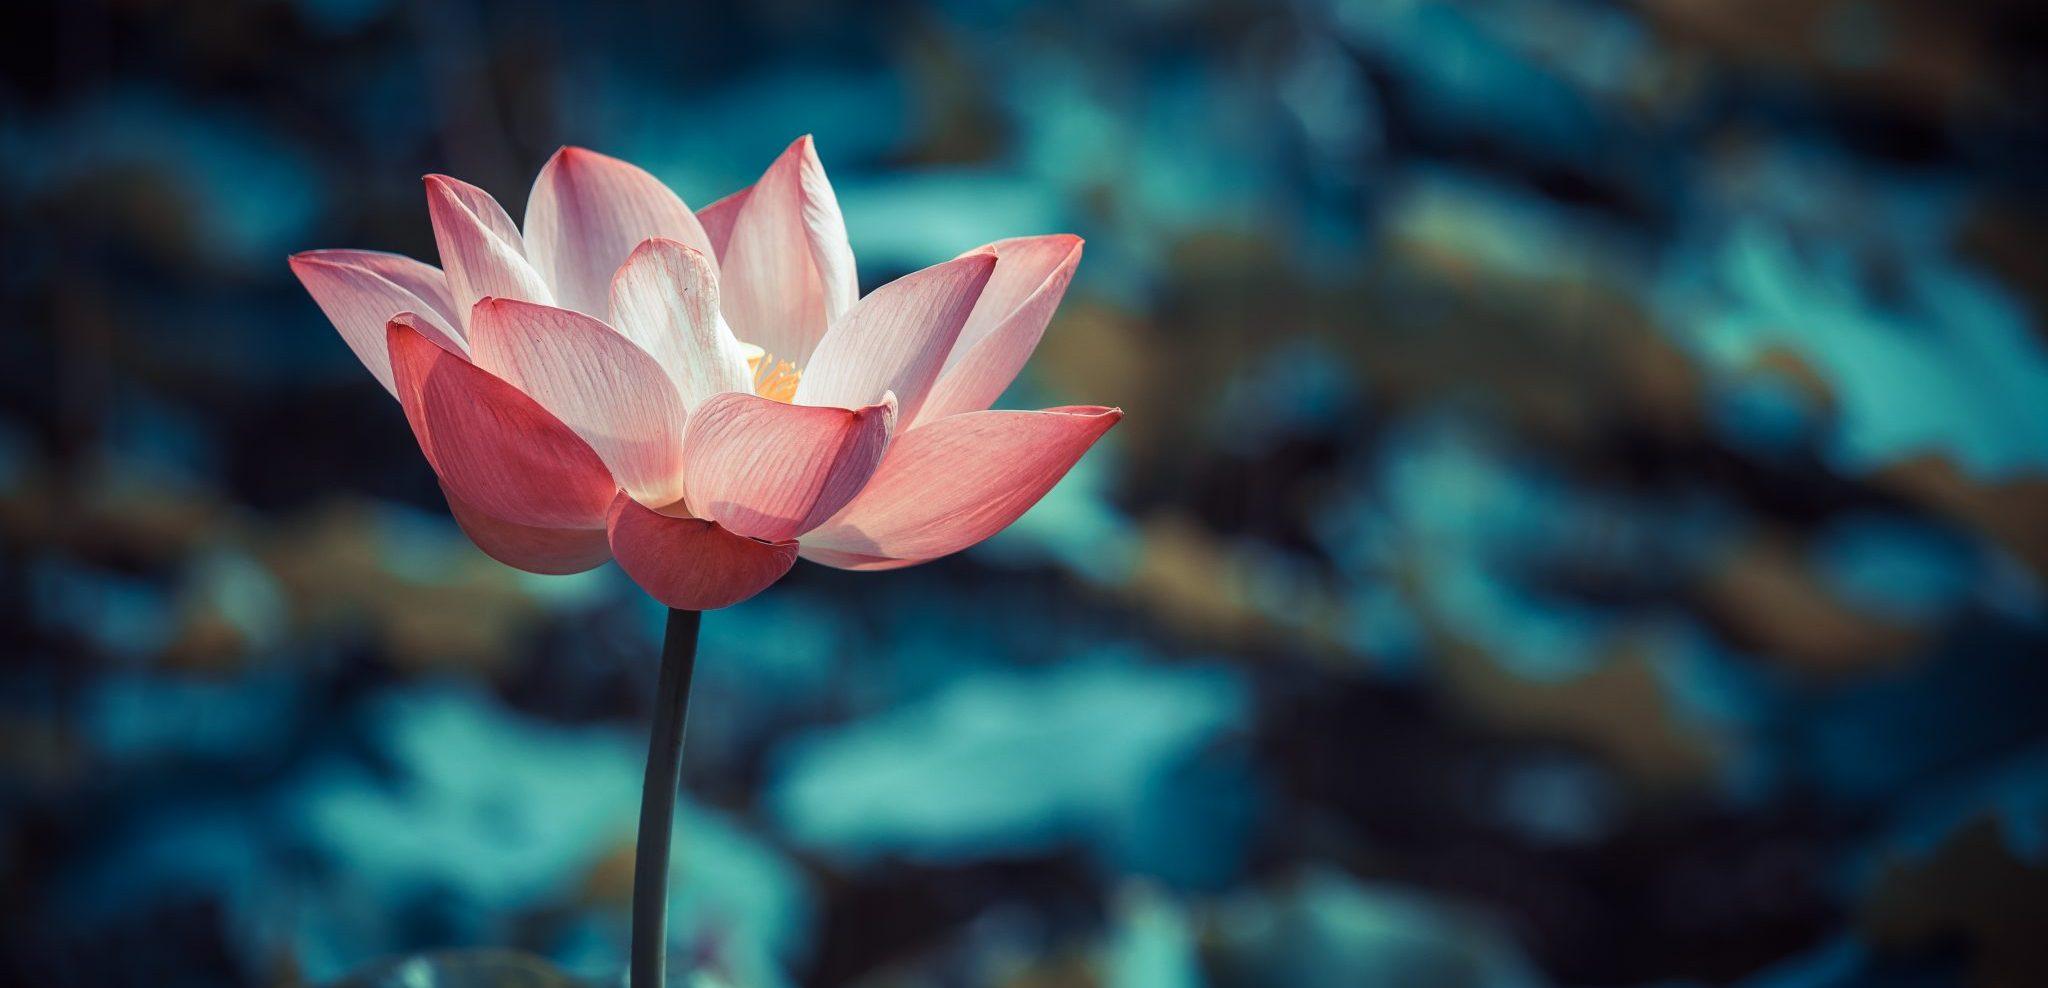 Best Yoga Poses For Meditation Meditation Postures For Your Health